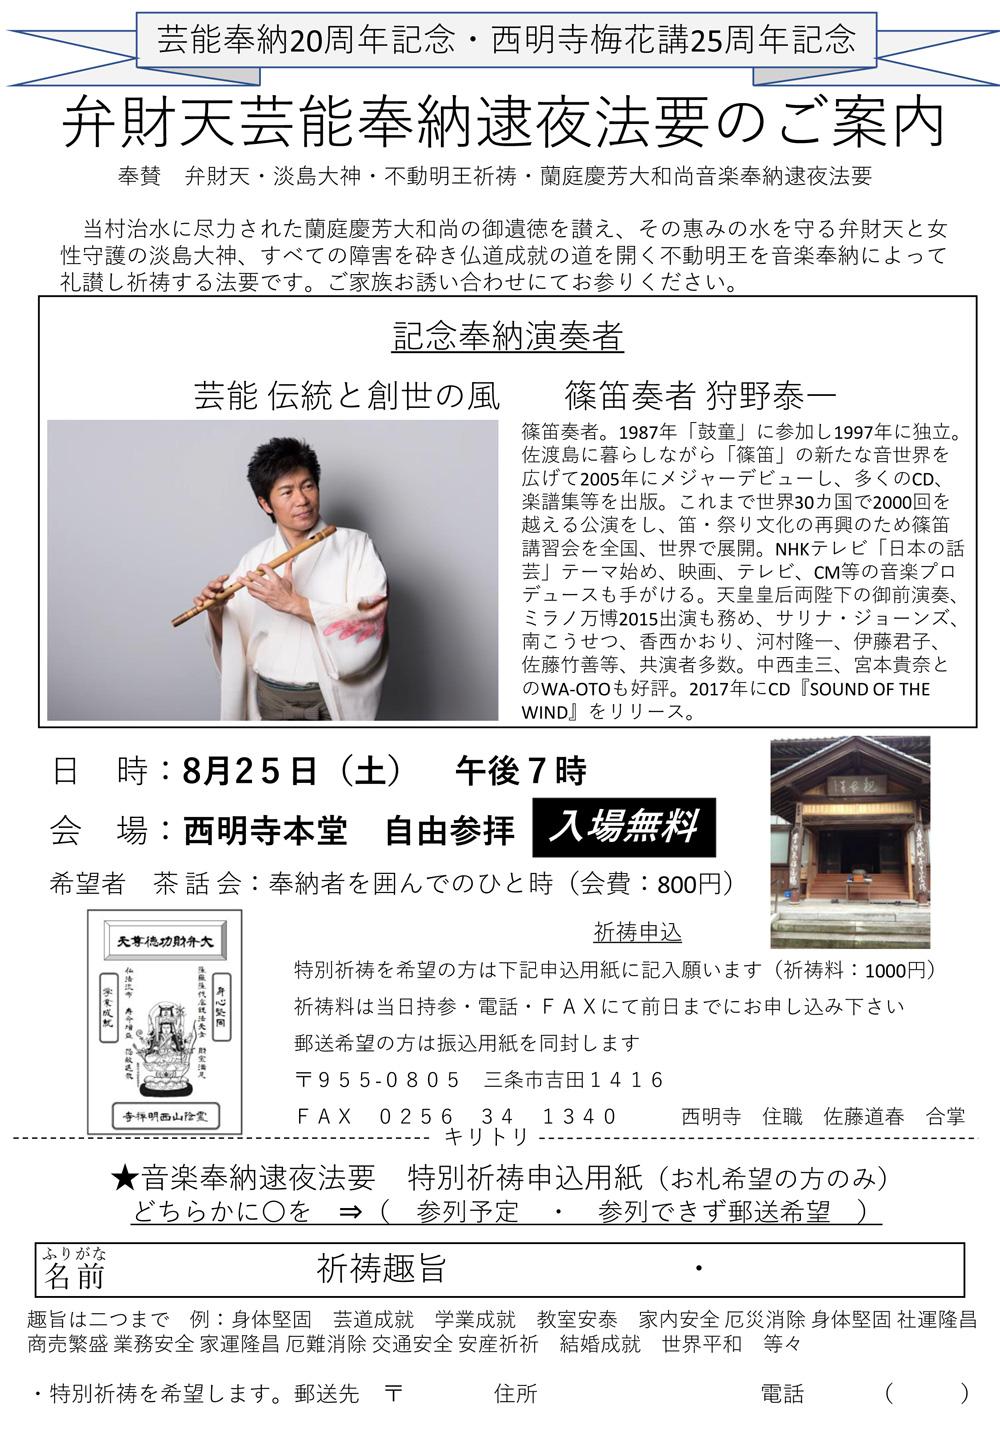 記念奉納演奏「芸能 伝統と創世の風・篠笛奏者 狩野泰一」